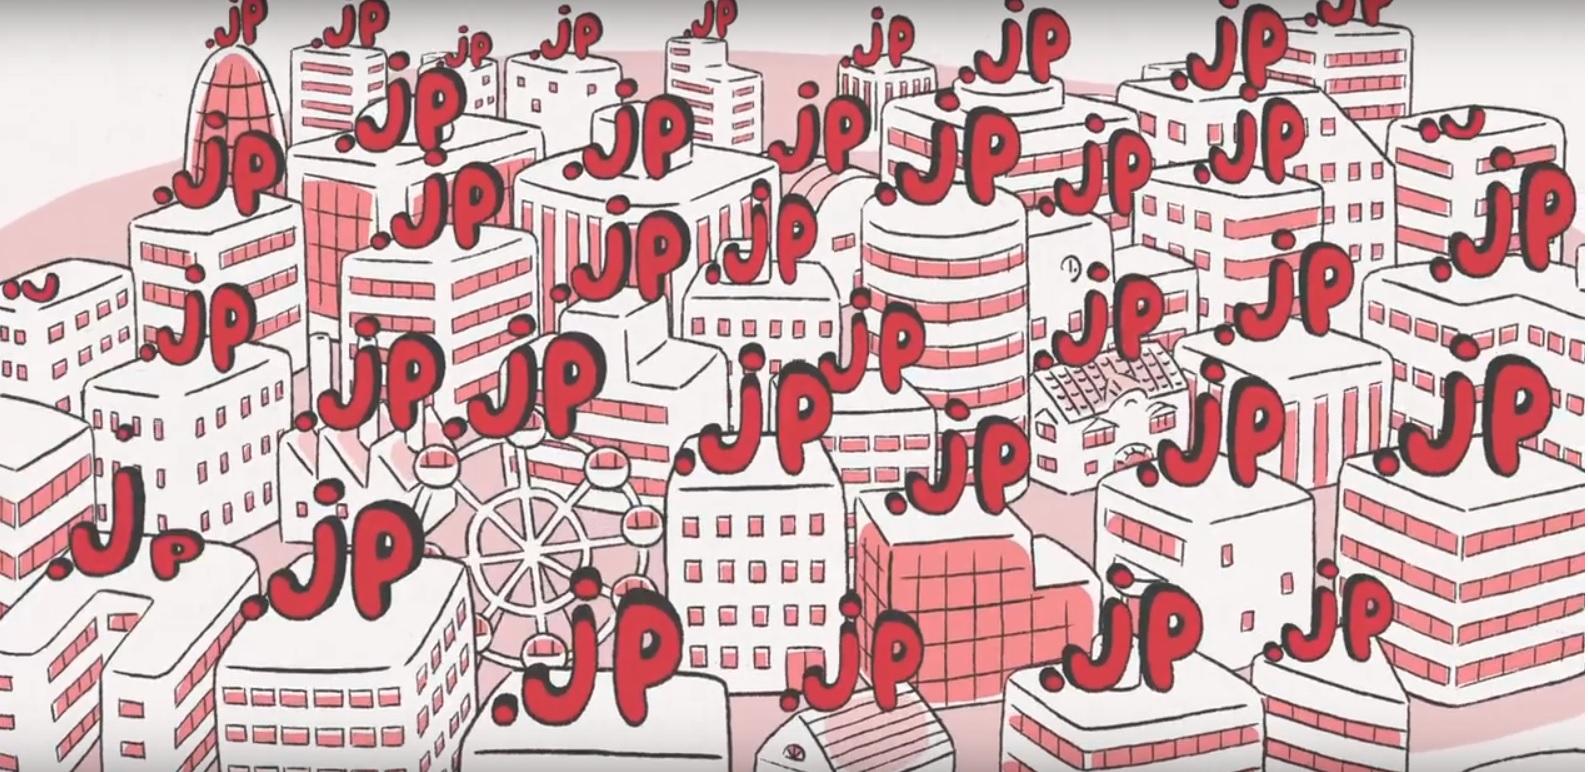 JPRS_1_5